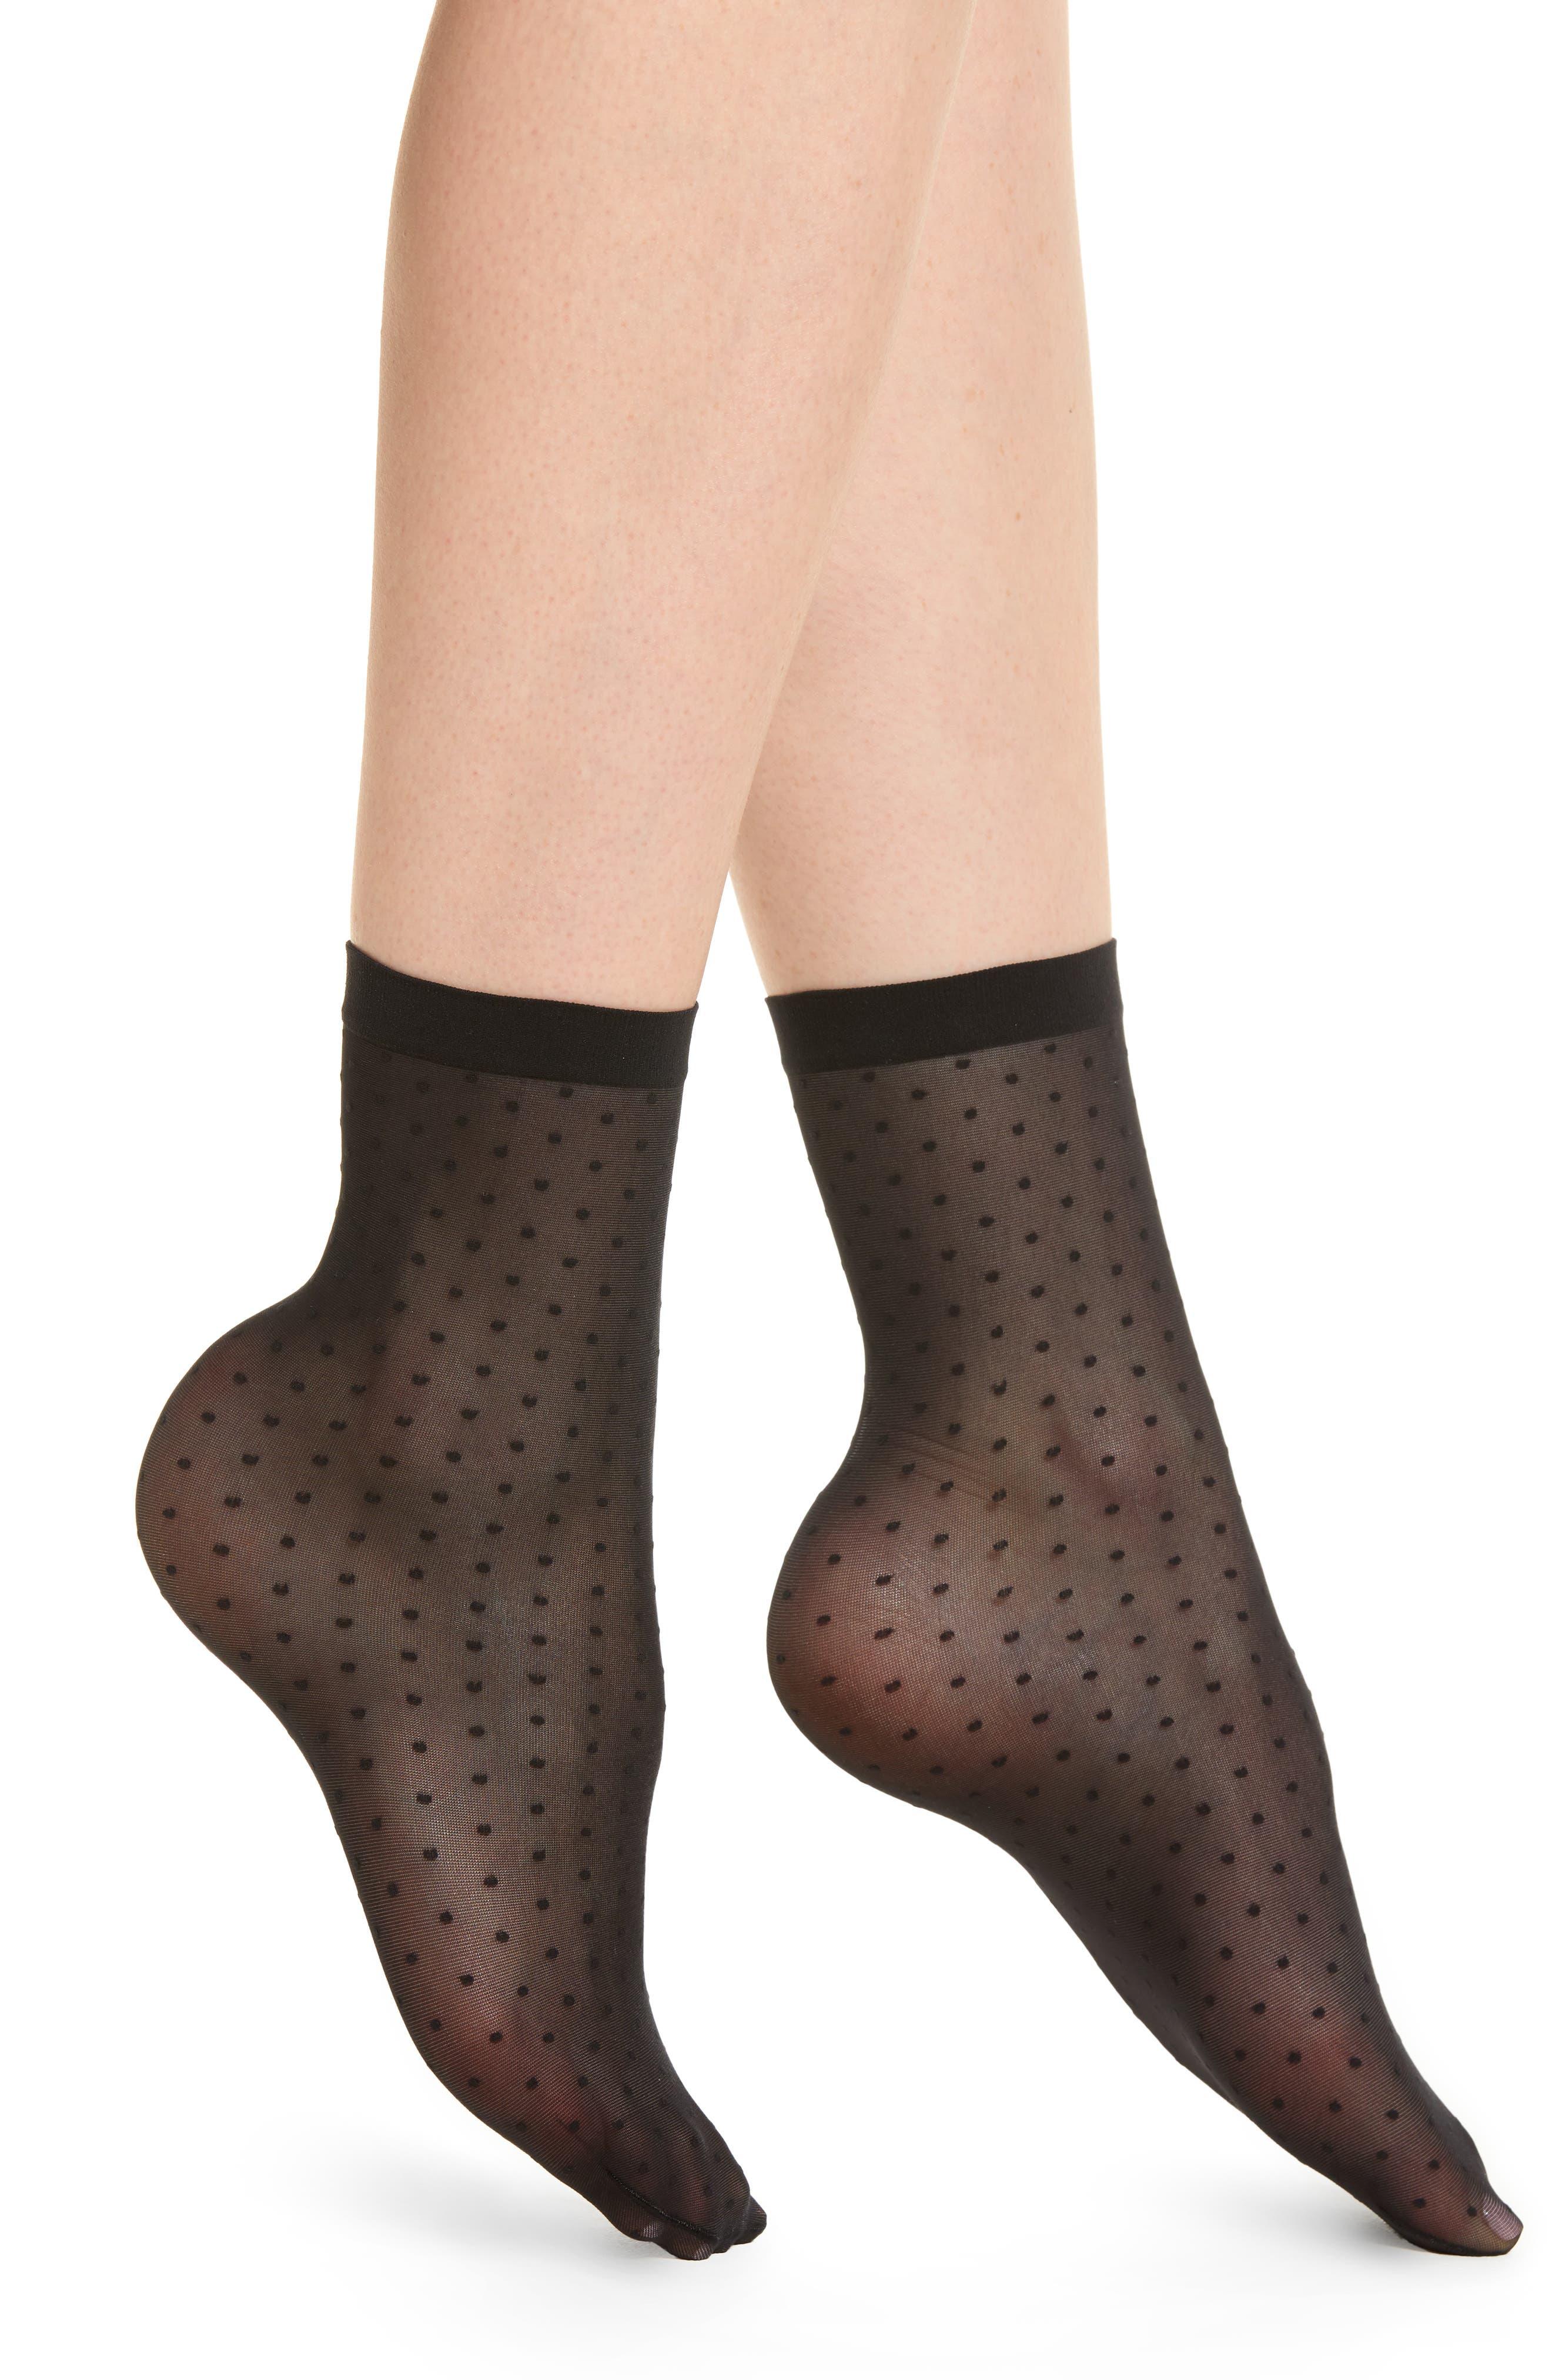 Sarah Jessica Sheer Socks,                         Main,                         color, Black